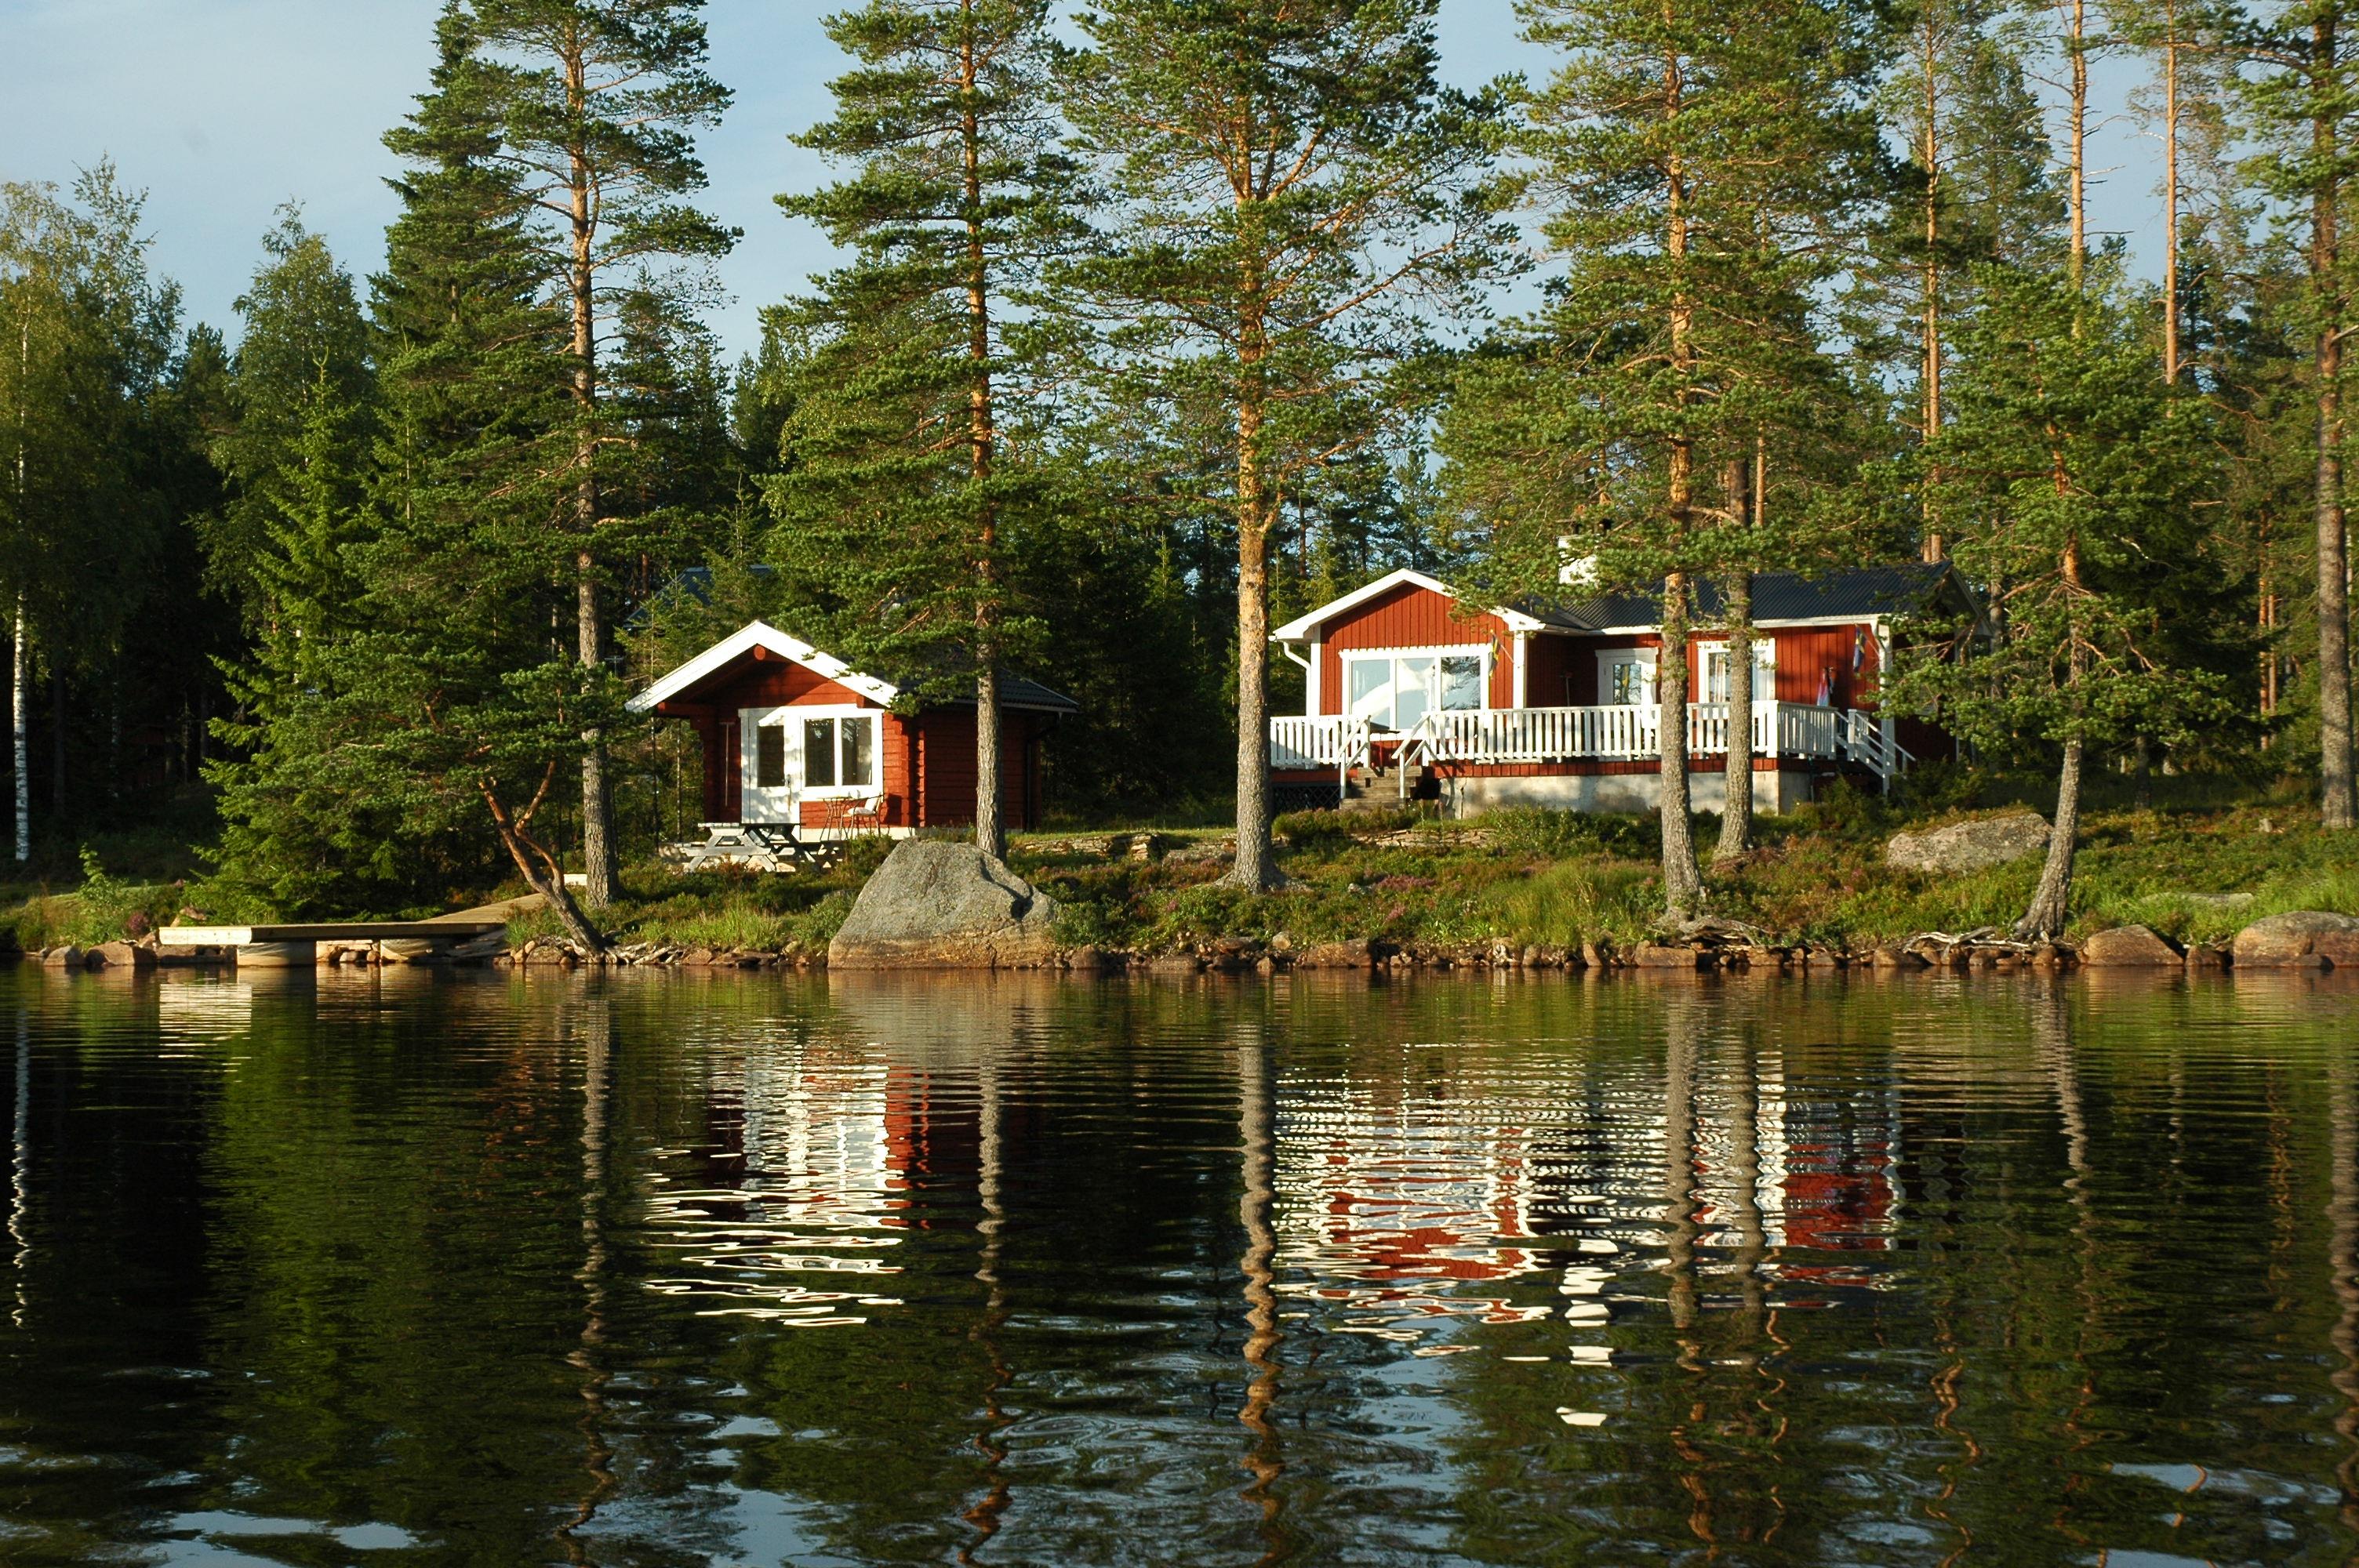 ferienhaus mittelschweden am see niss ngen einsamlage am see boot sauna privater badestrand. Black Bedroom Furniture Sets. Home Design Ideas